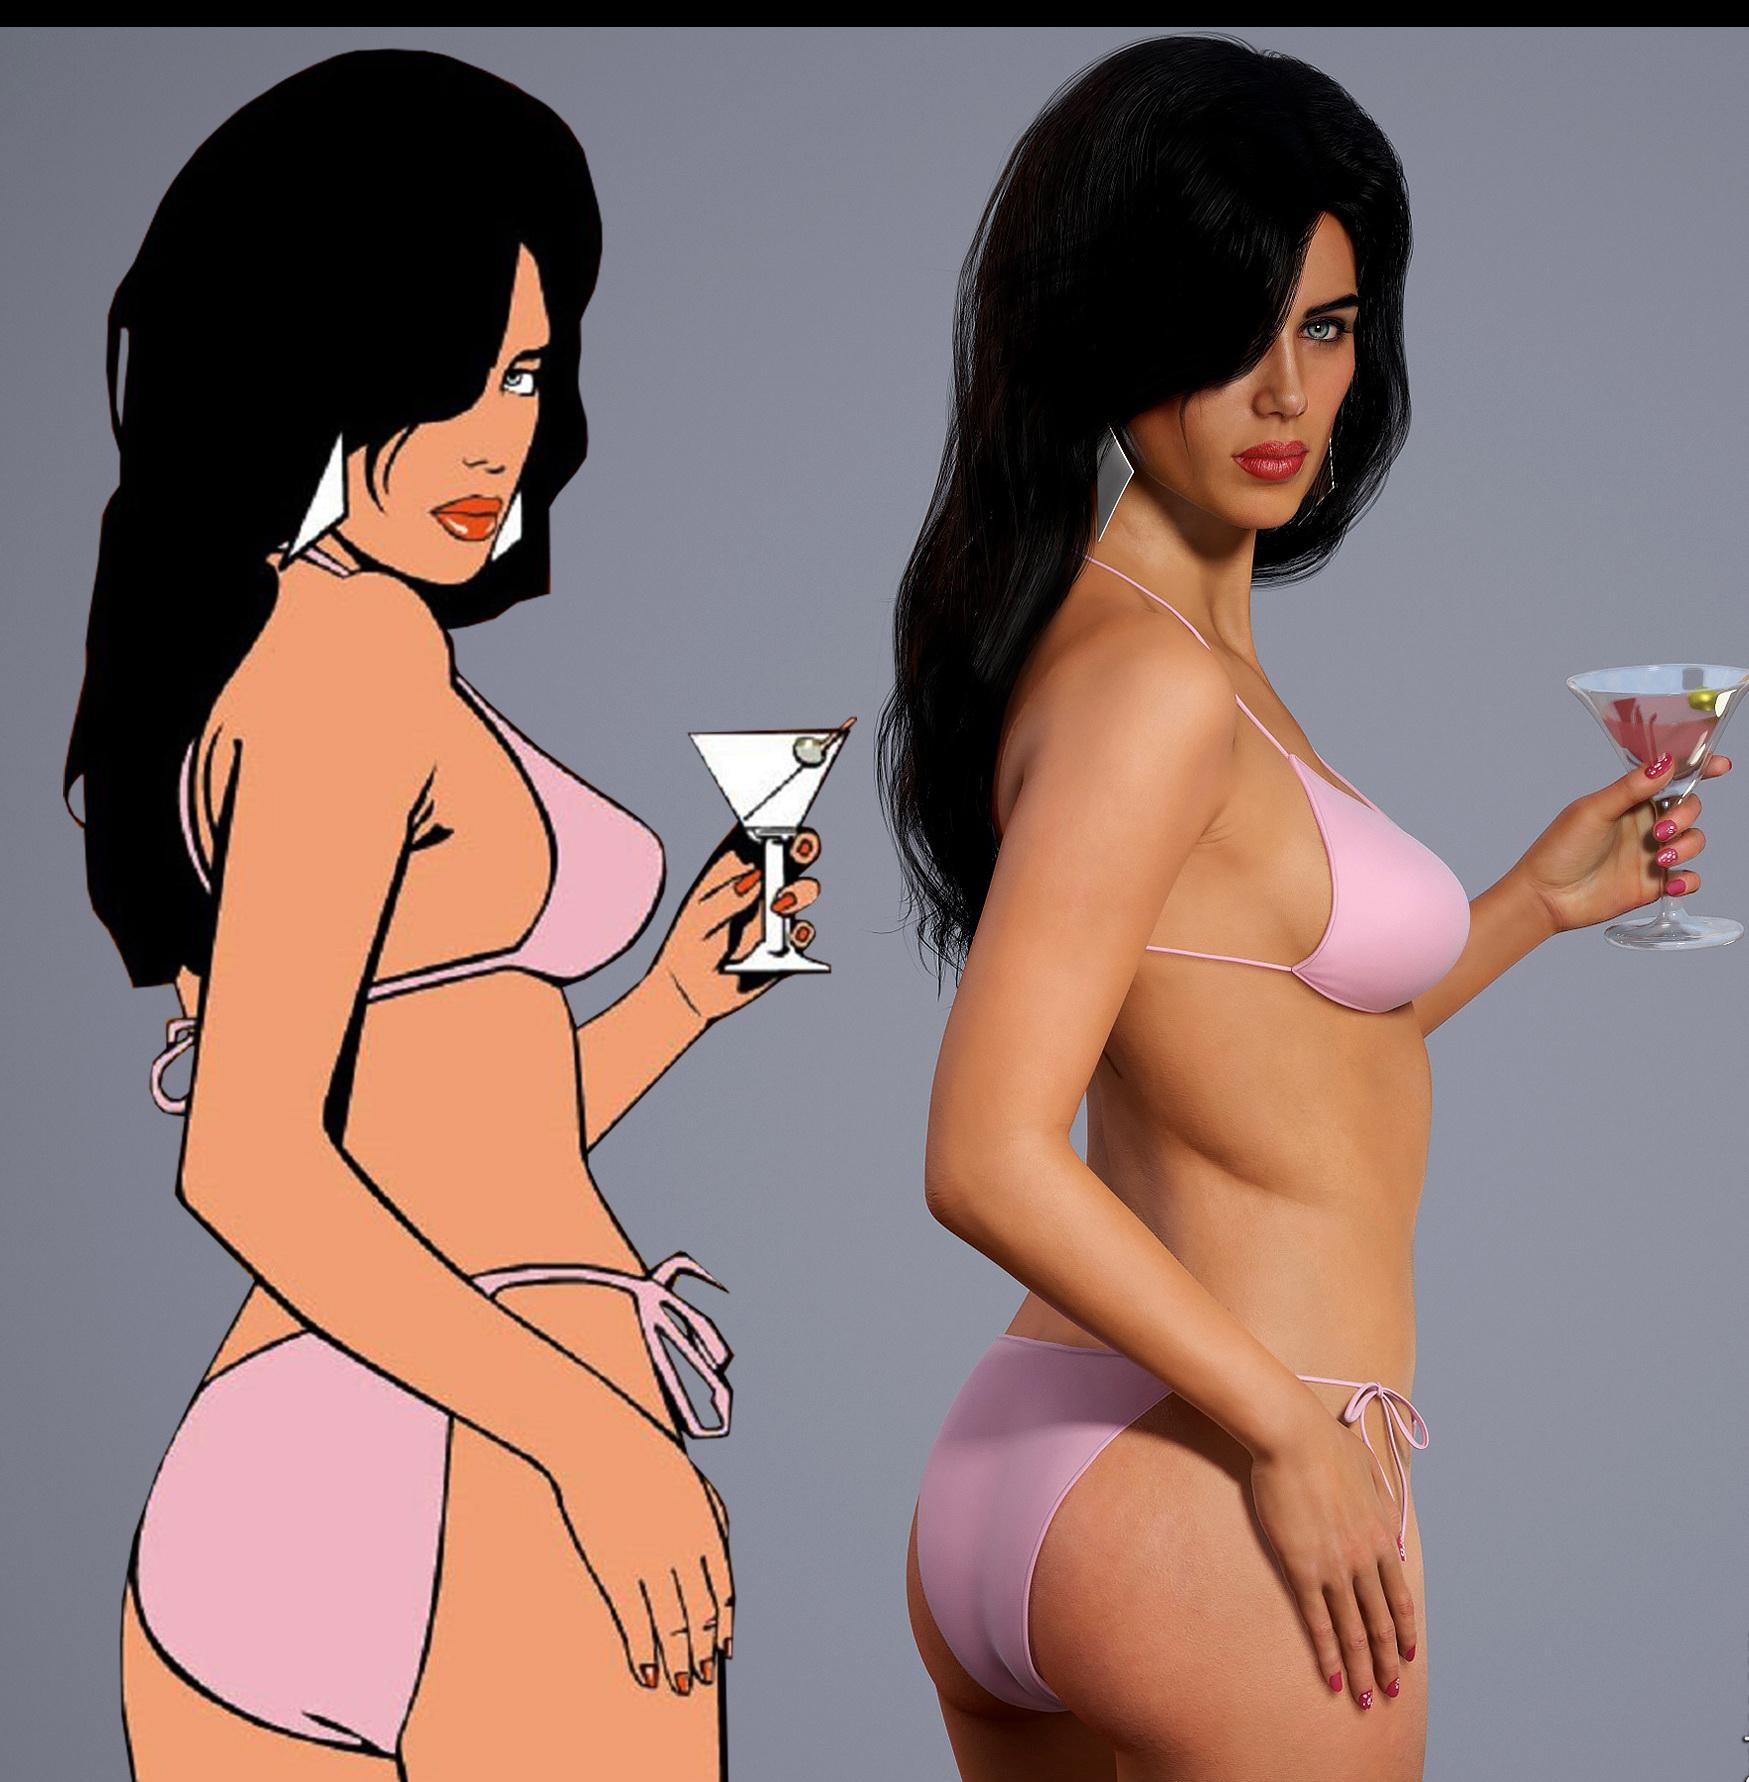 《侠盗猎车:罪恶都市》封面女郎3D建模 性感逼真